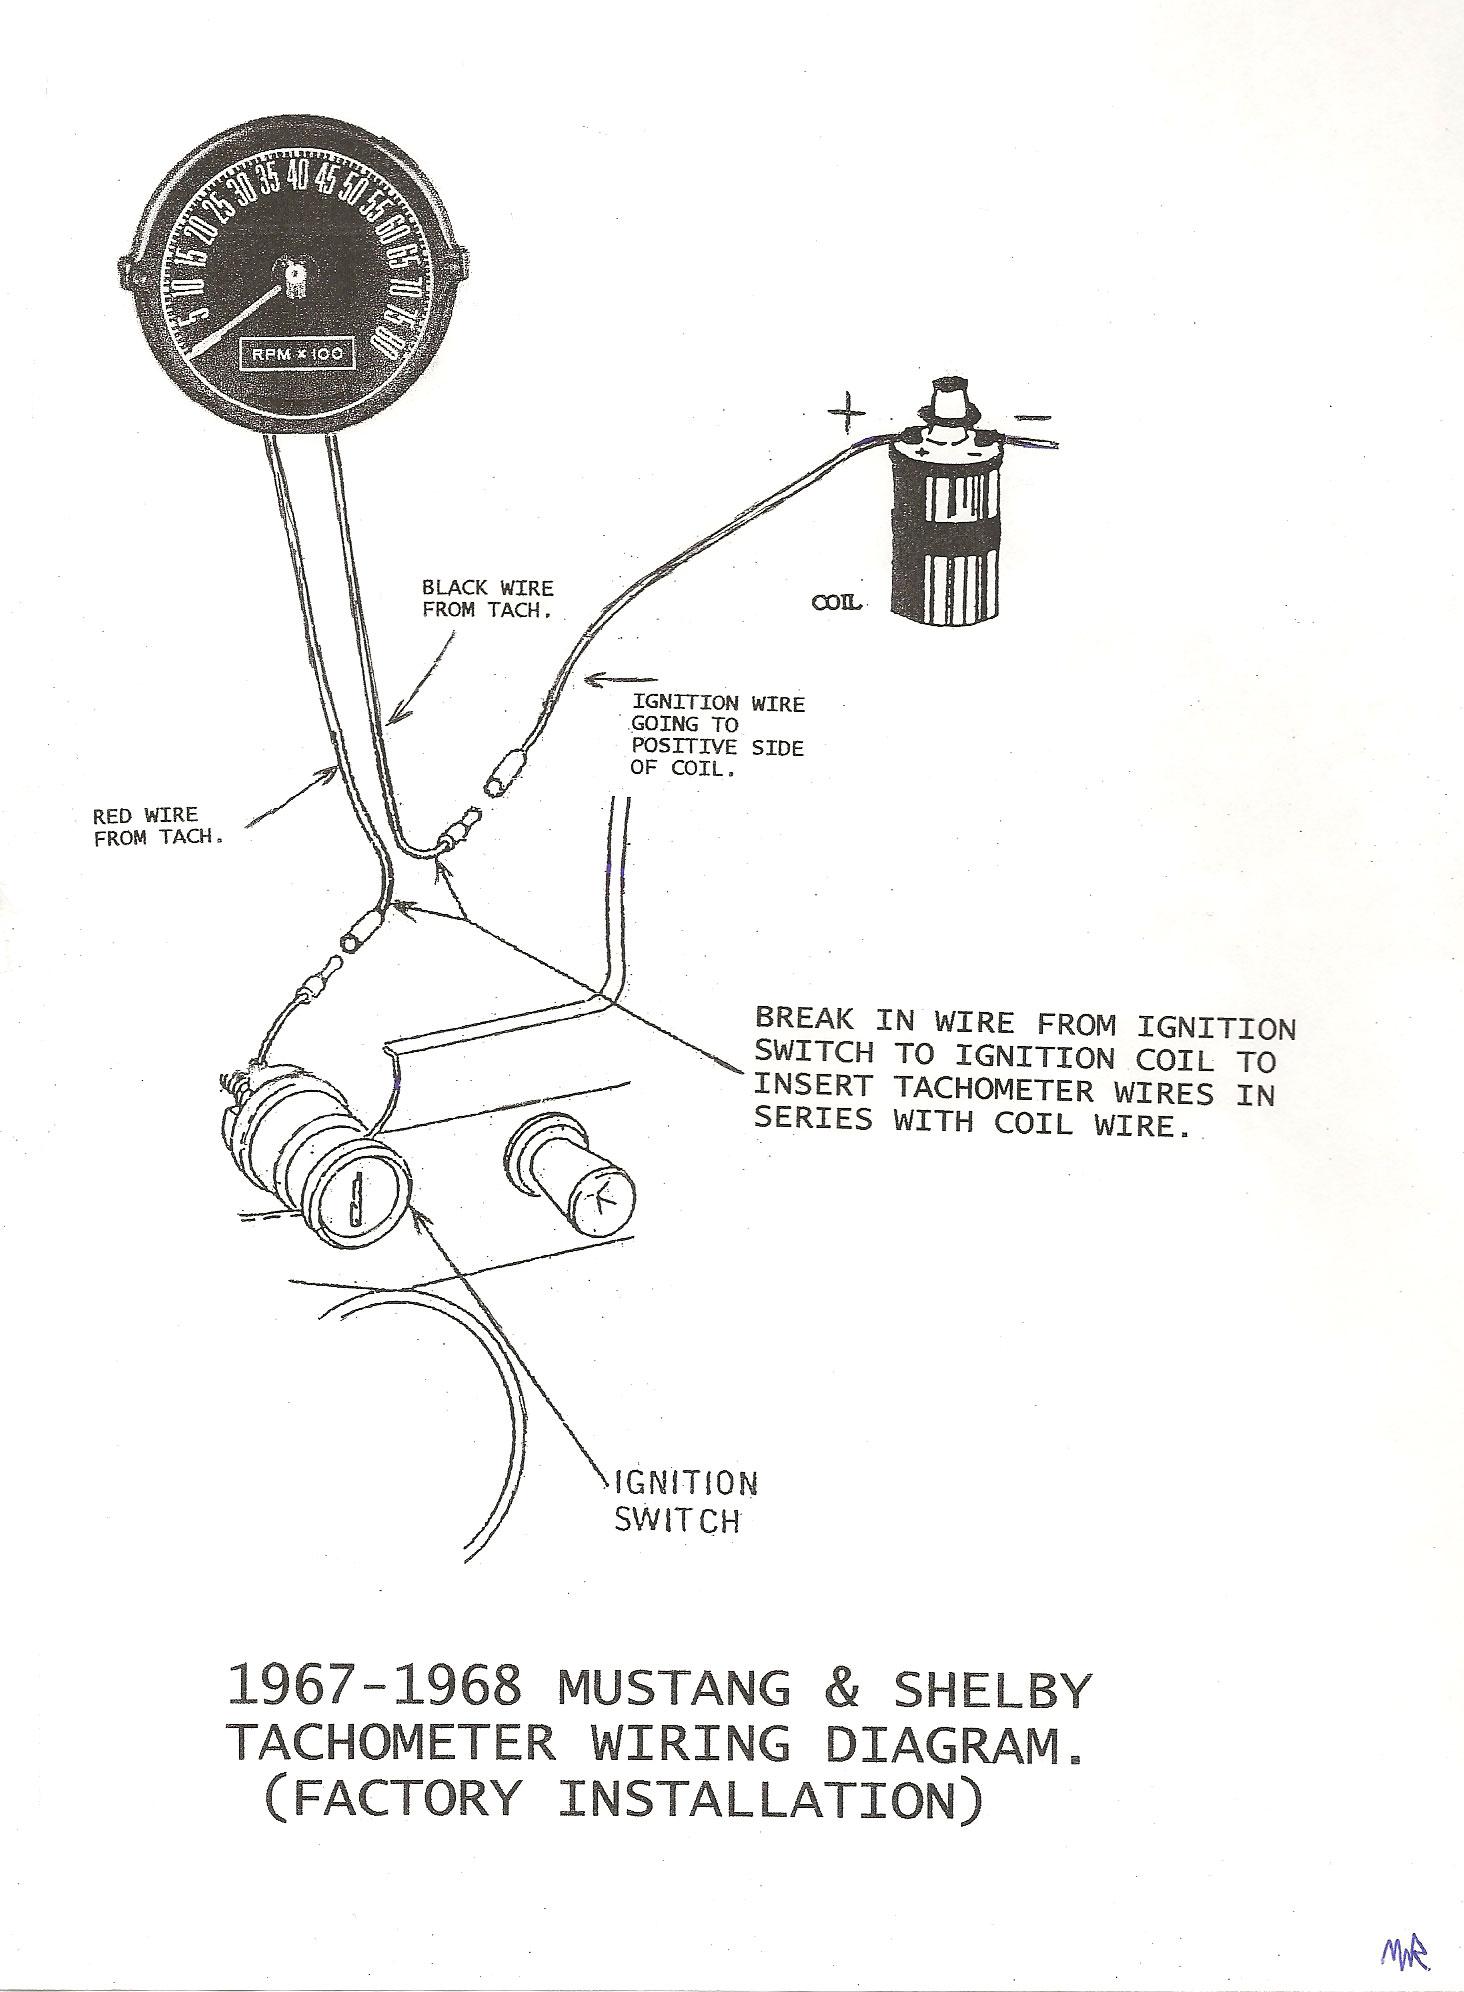 Mopar Tachometer Wiring Diagram Sunpro Tach To Msd Ignition Wire Image Wiringrpm Rpm Auto